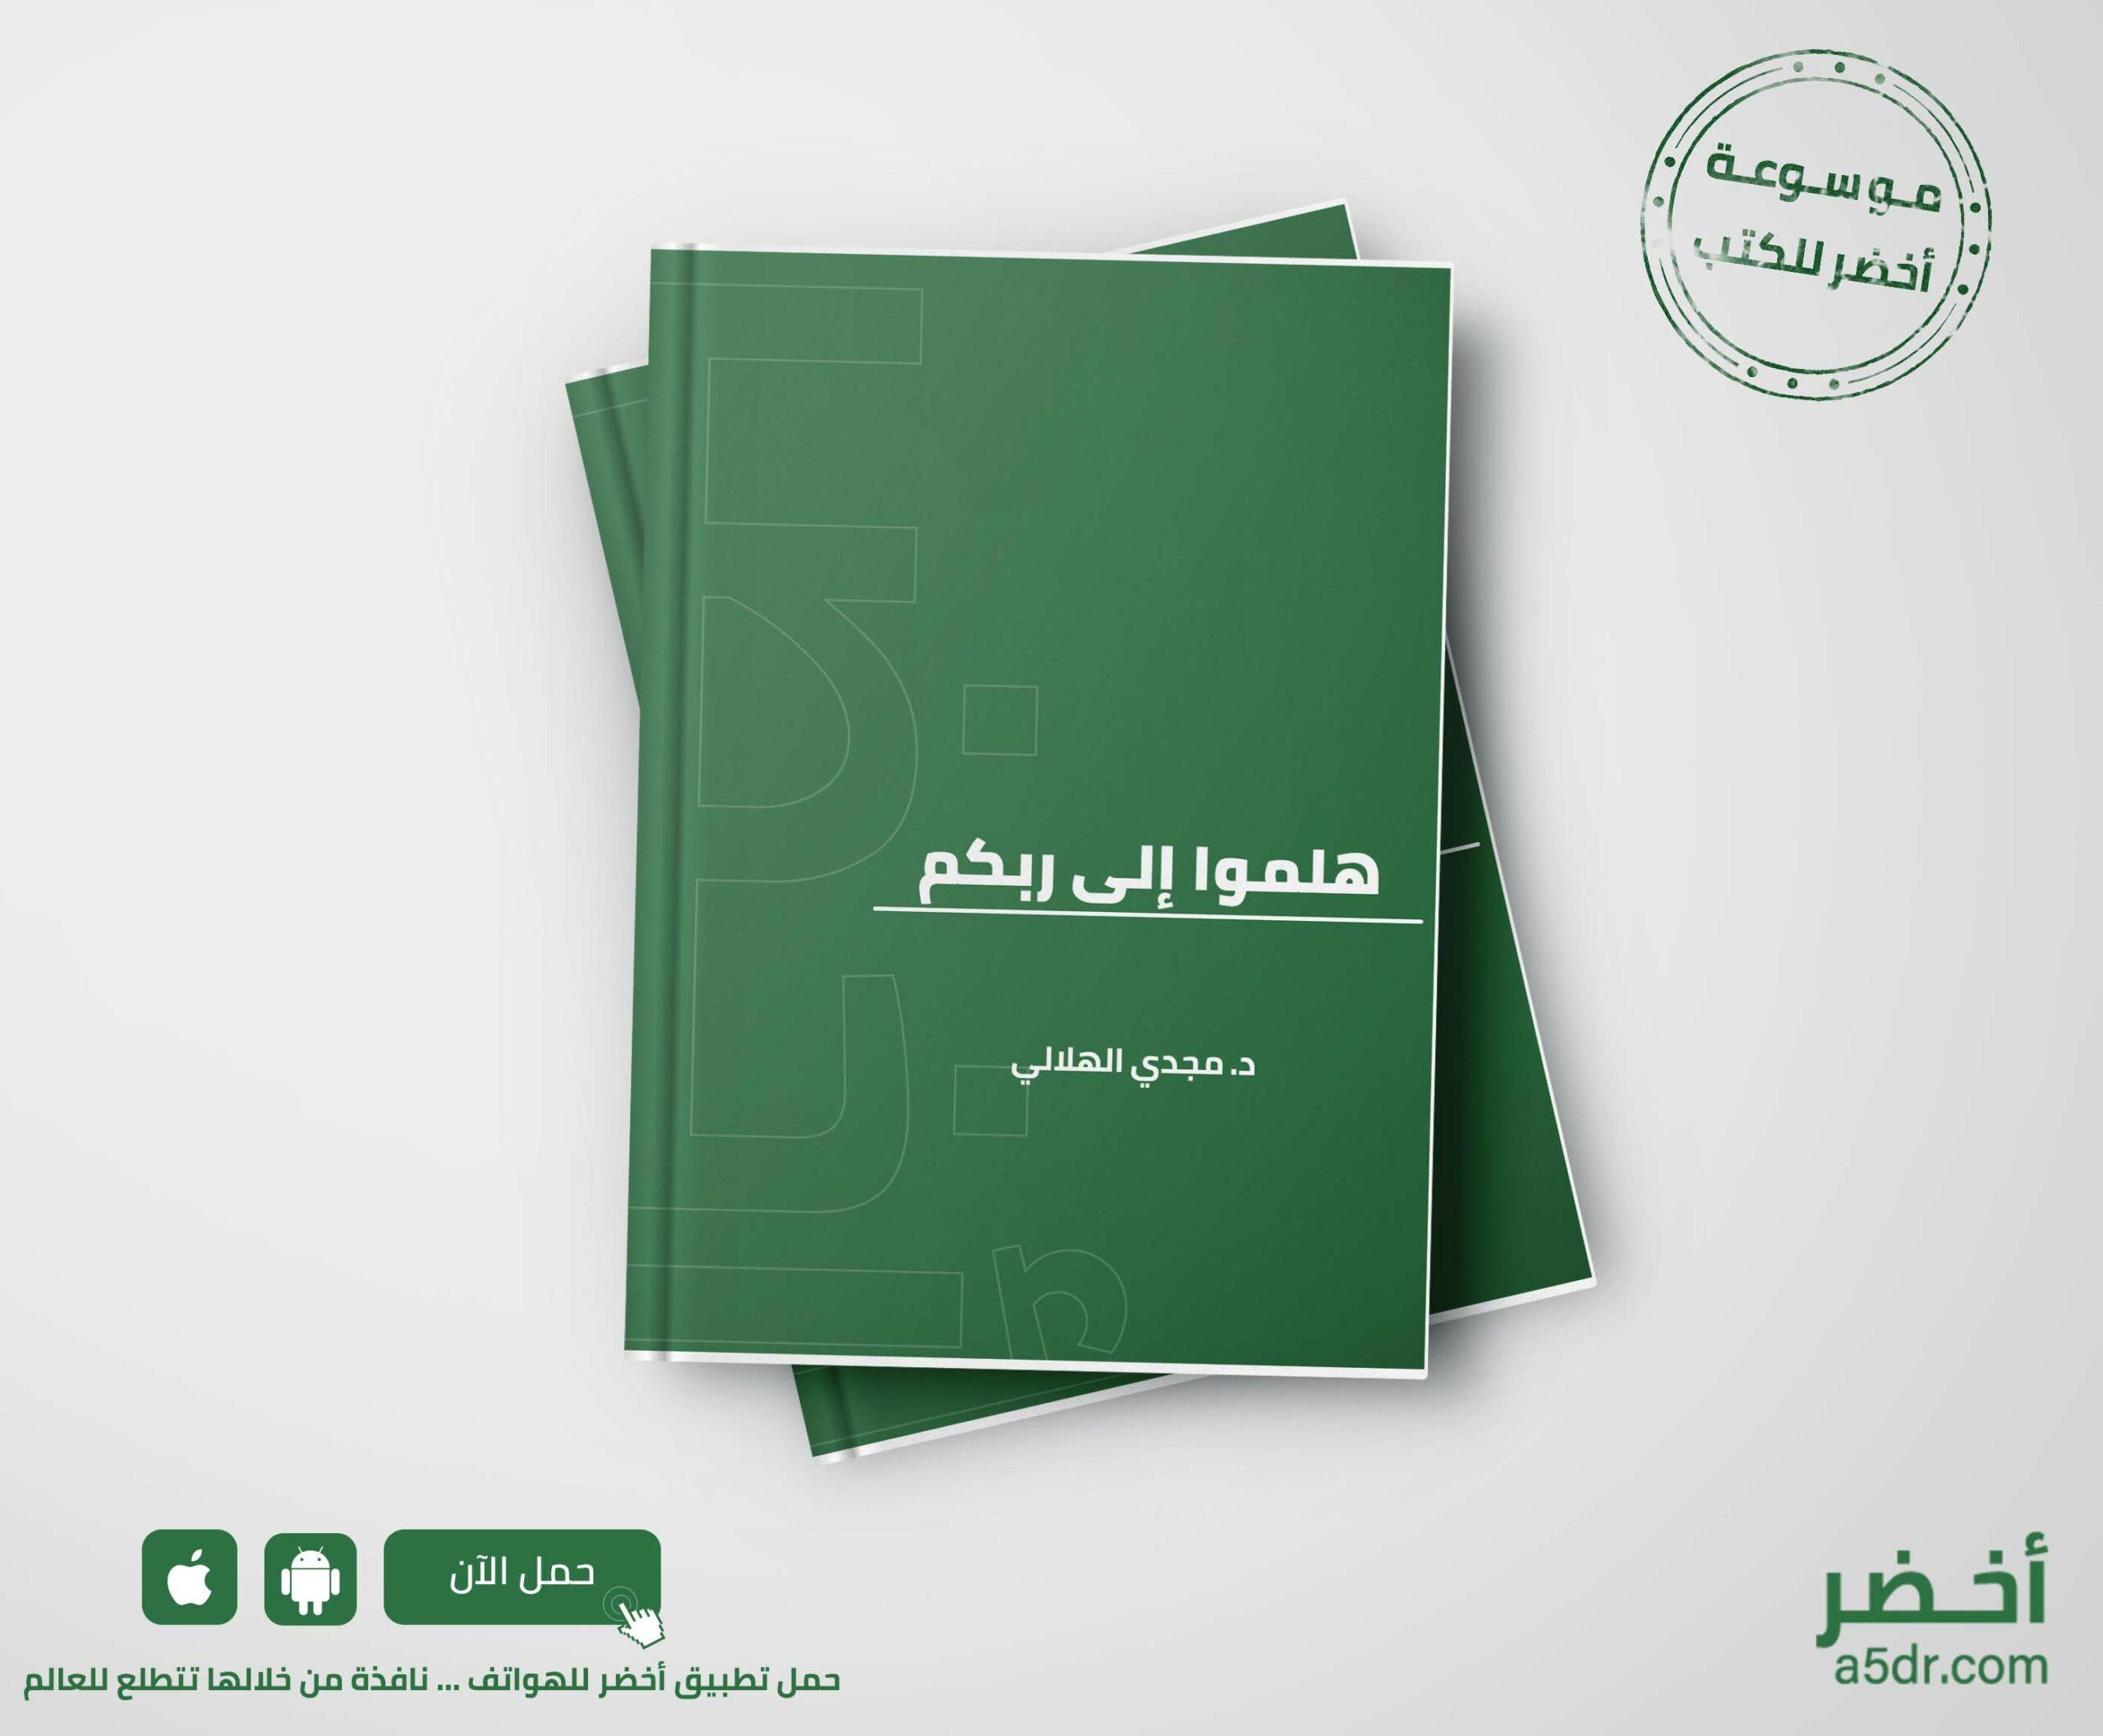 كتاب هلموا إلى ربكم - مجدي الهلالي